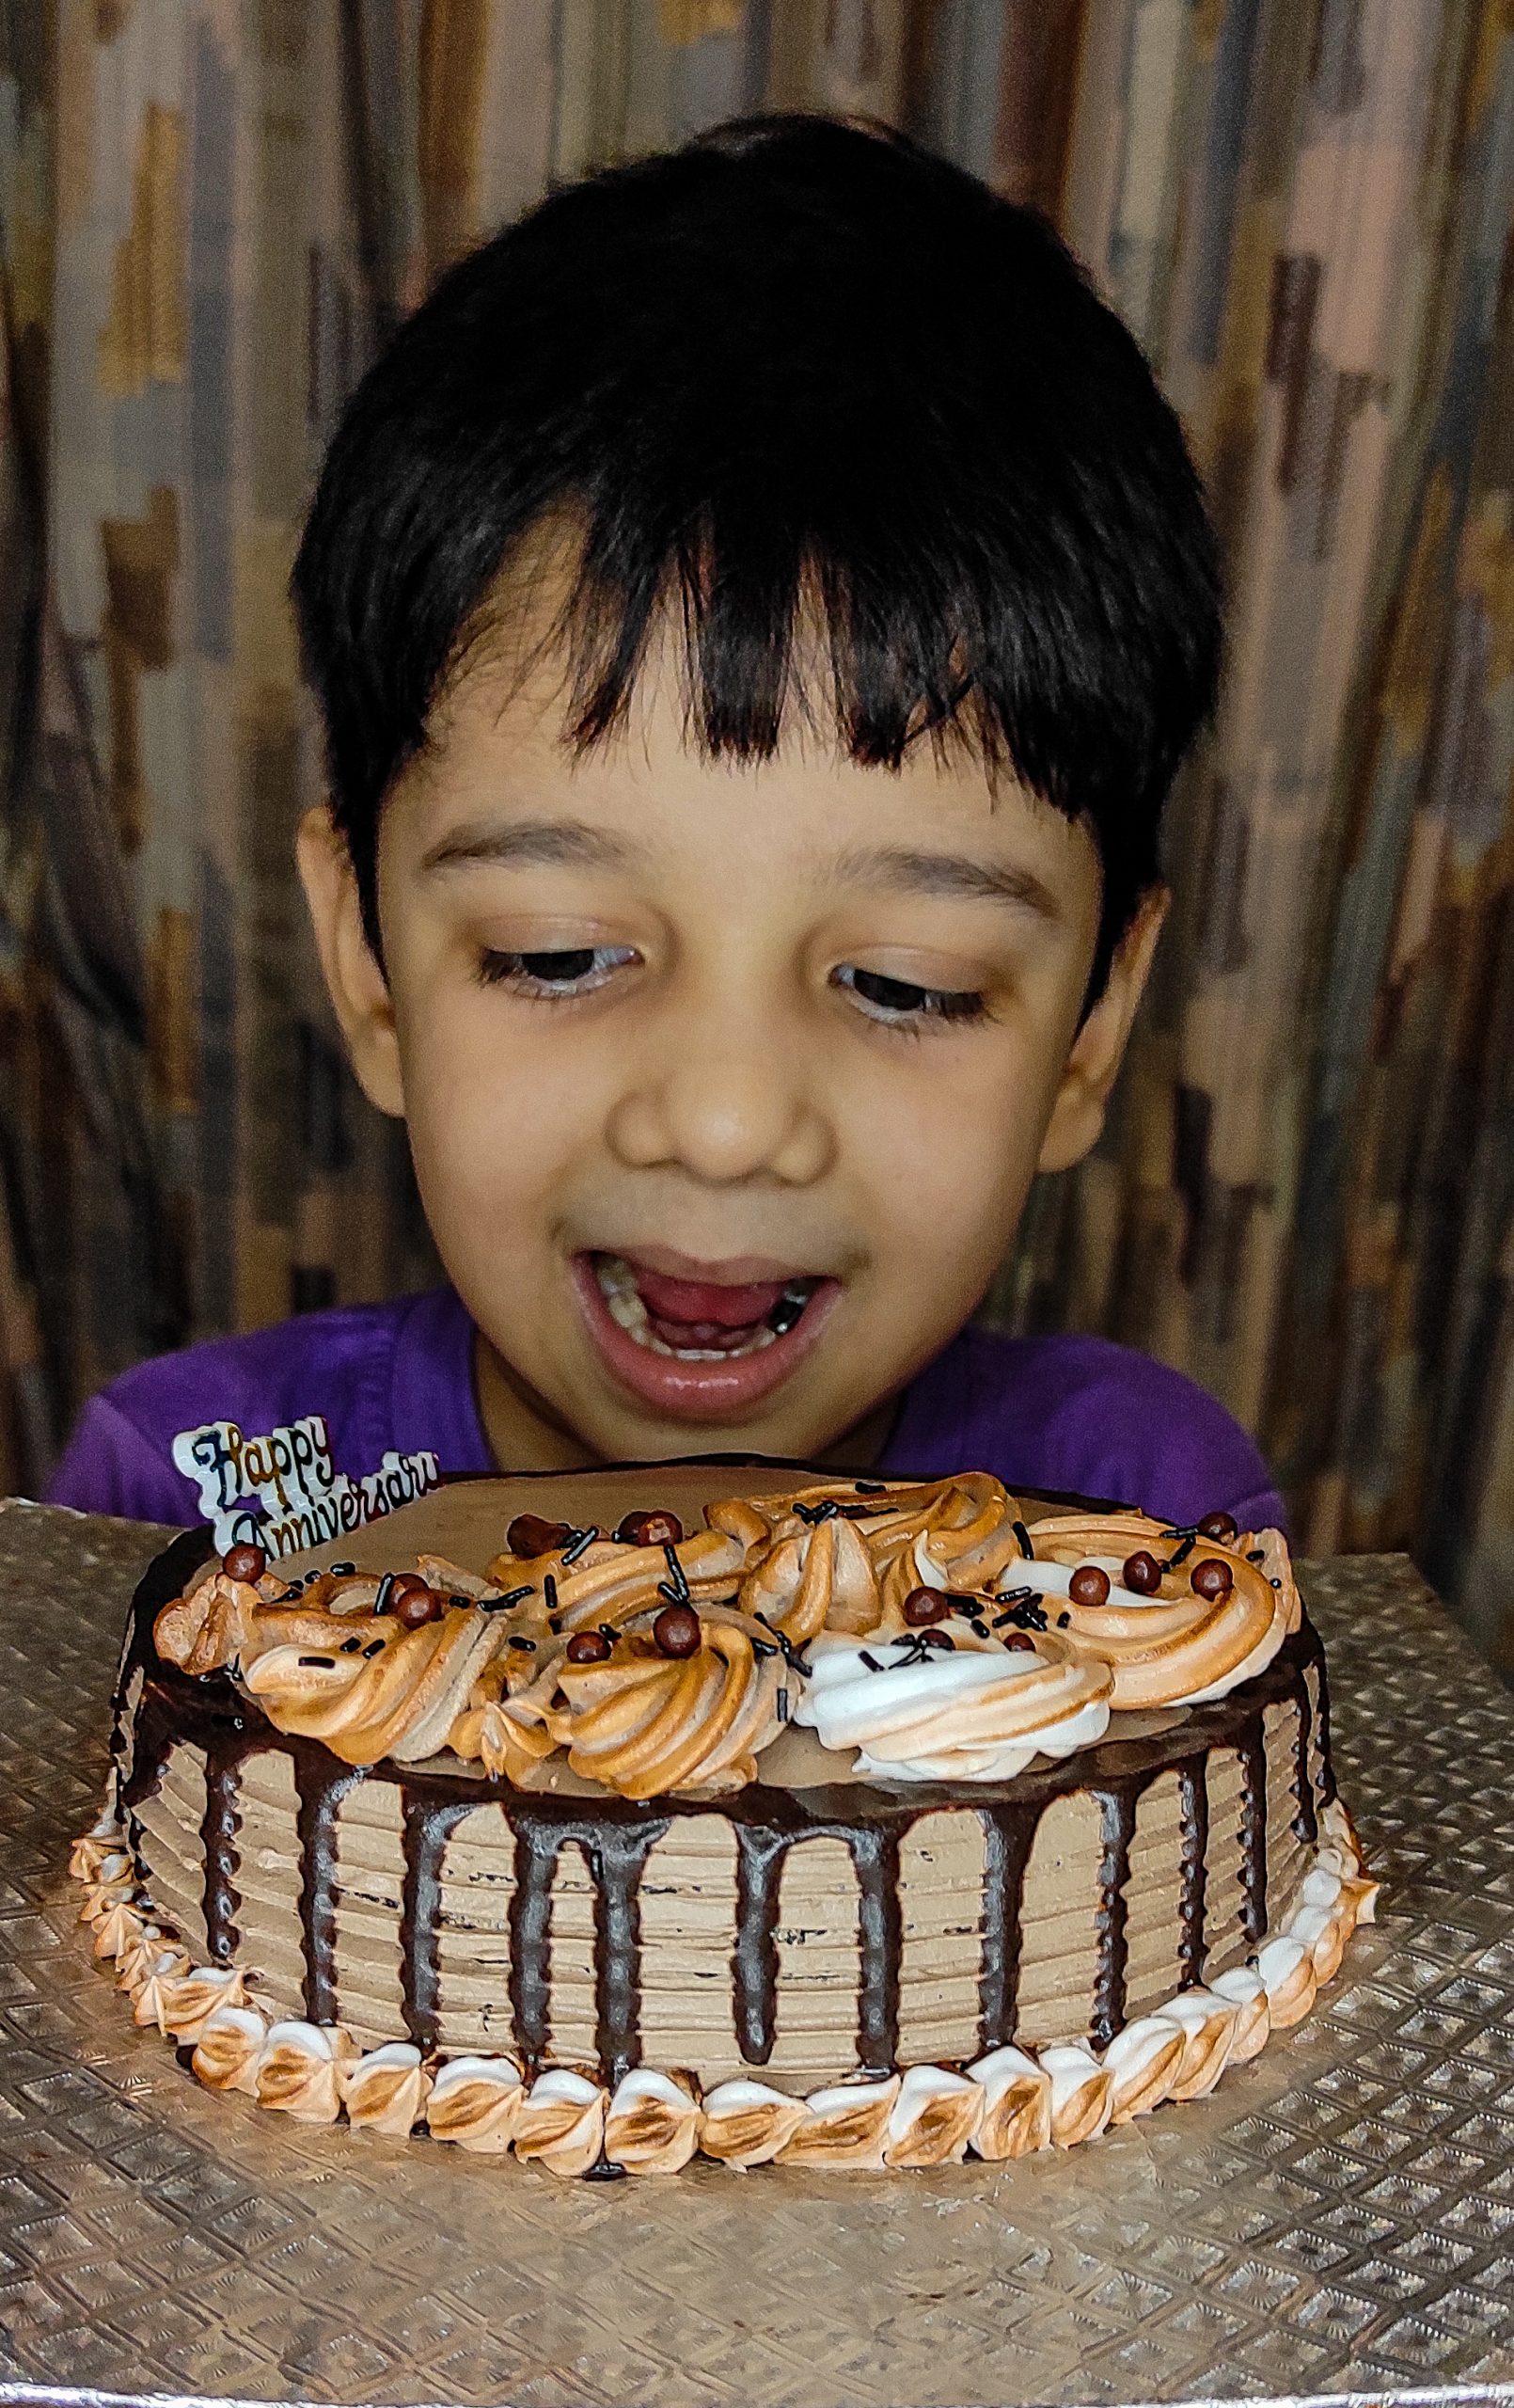 boy with a cake